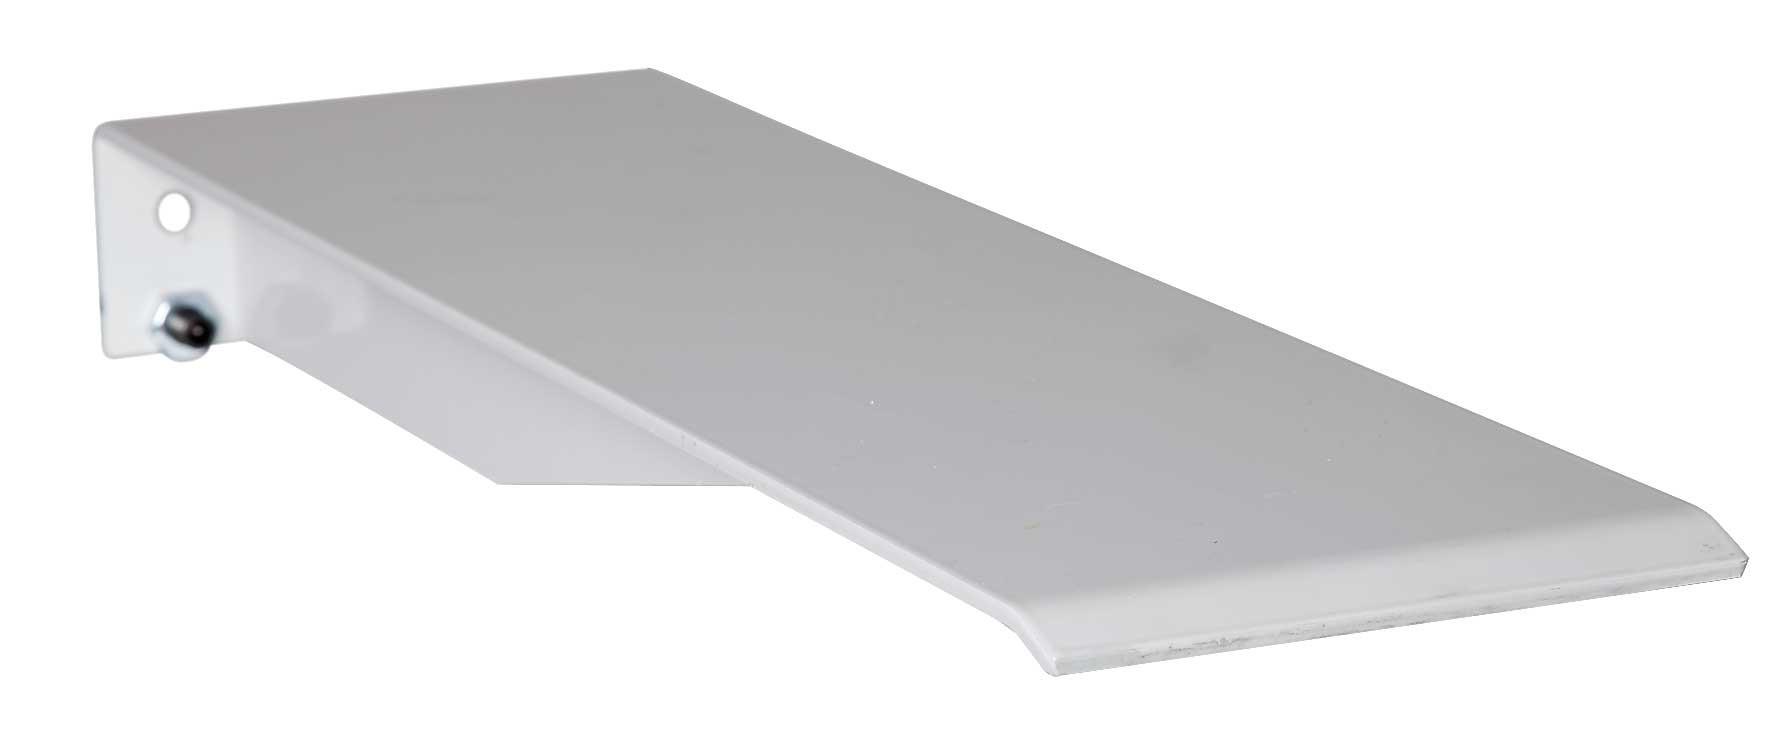 Tartó kiegészítés, 20'' x 6'' (500 x 150 mm)